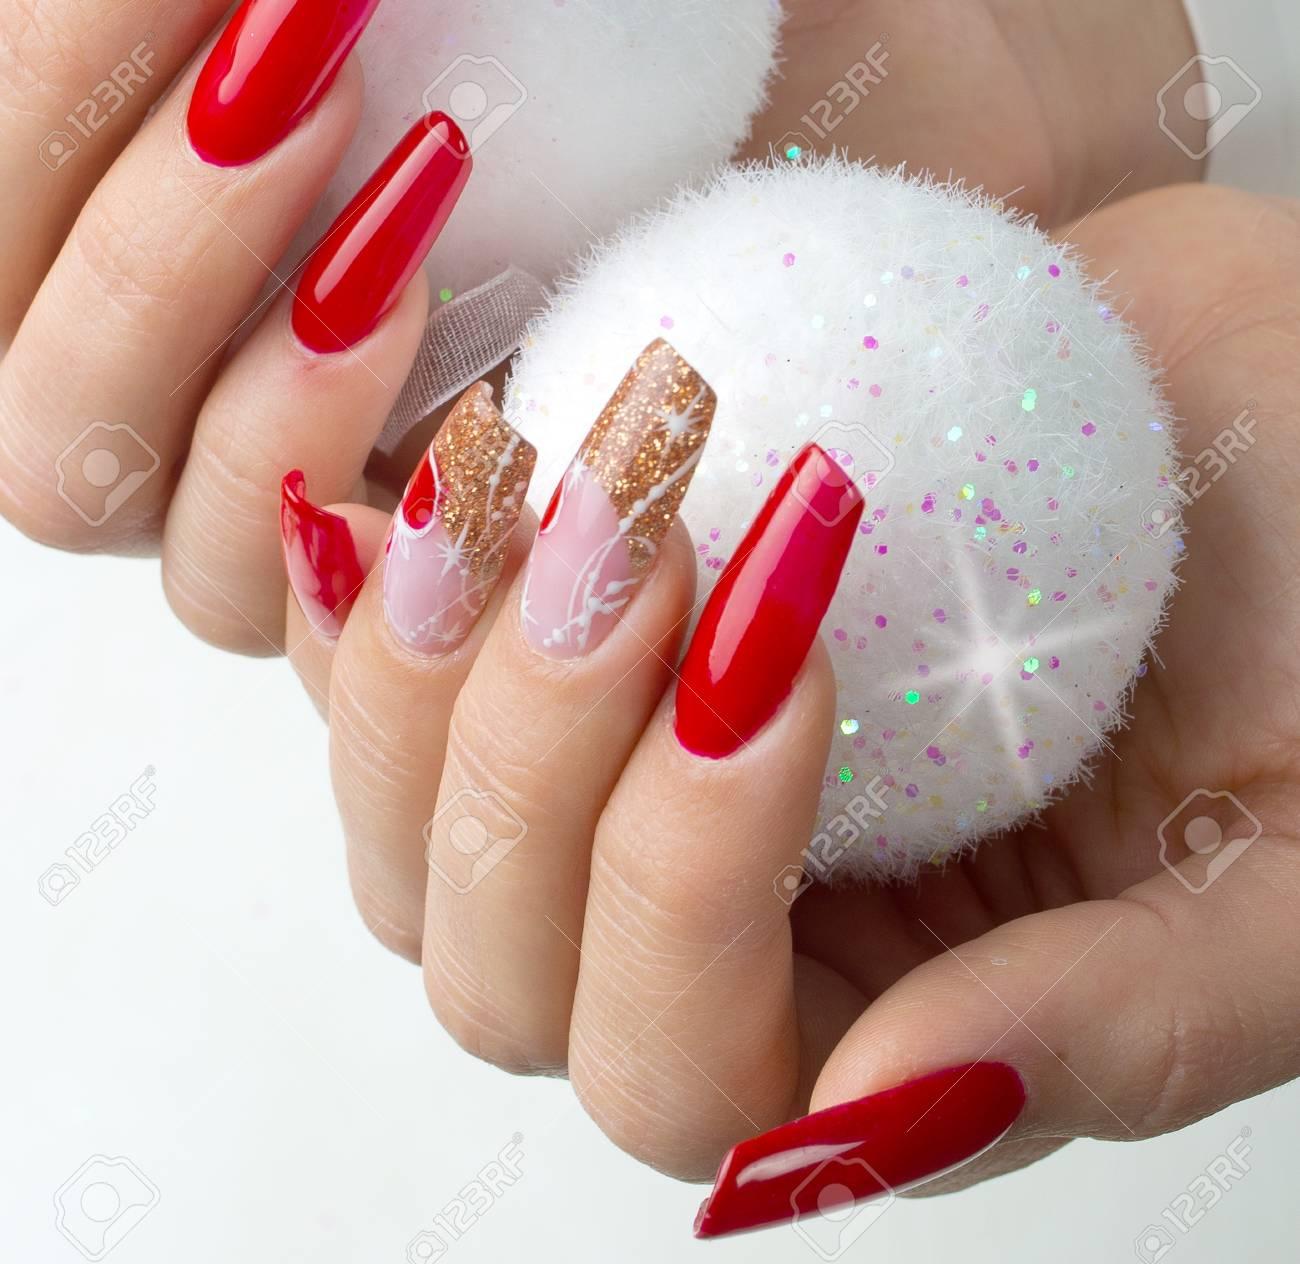 Uñas Decoradas Con Rojos Decoraciones De Navidad Y Tonos Dorados Para Celebrar Su Fantástica Fiesta De Navidad Y De Año Nuevo